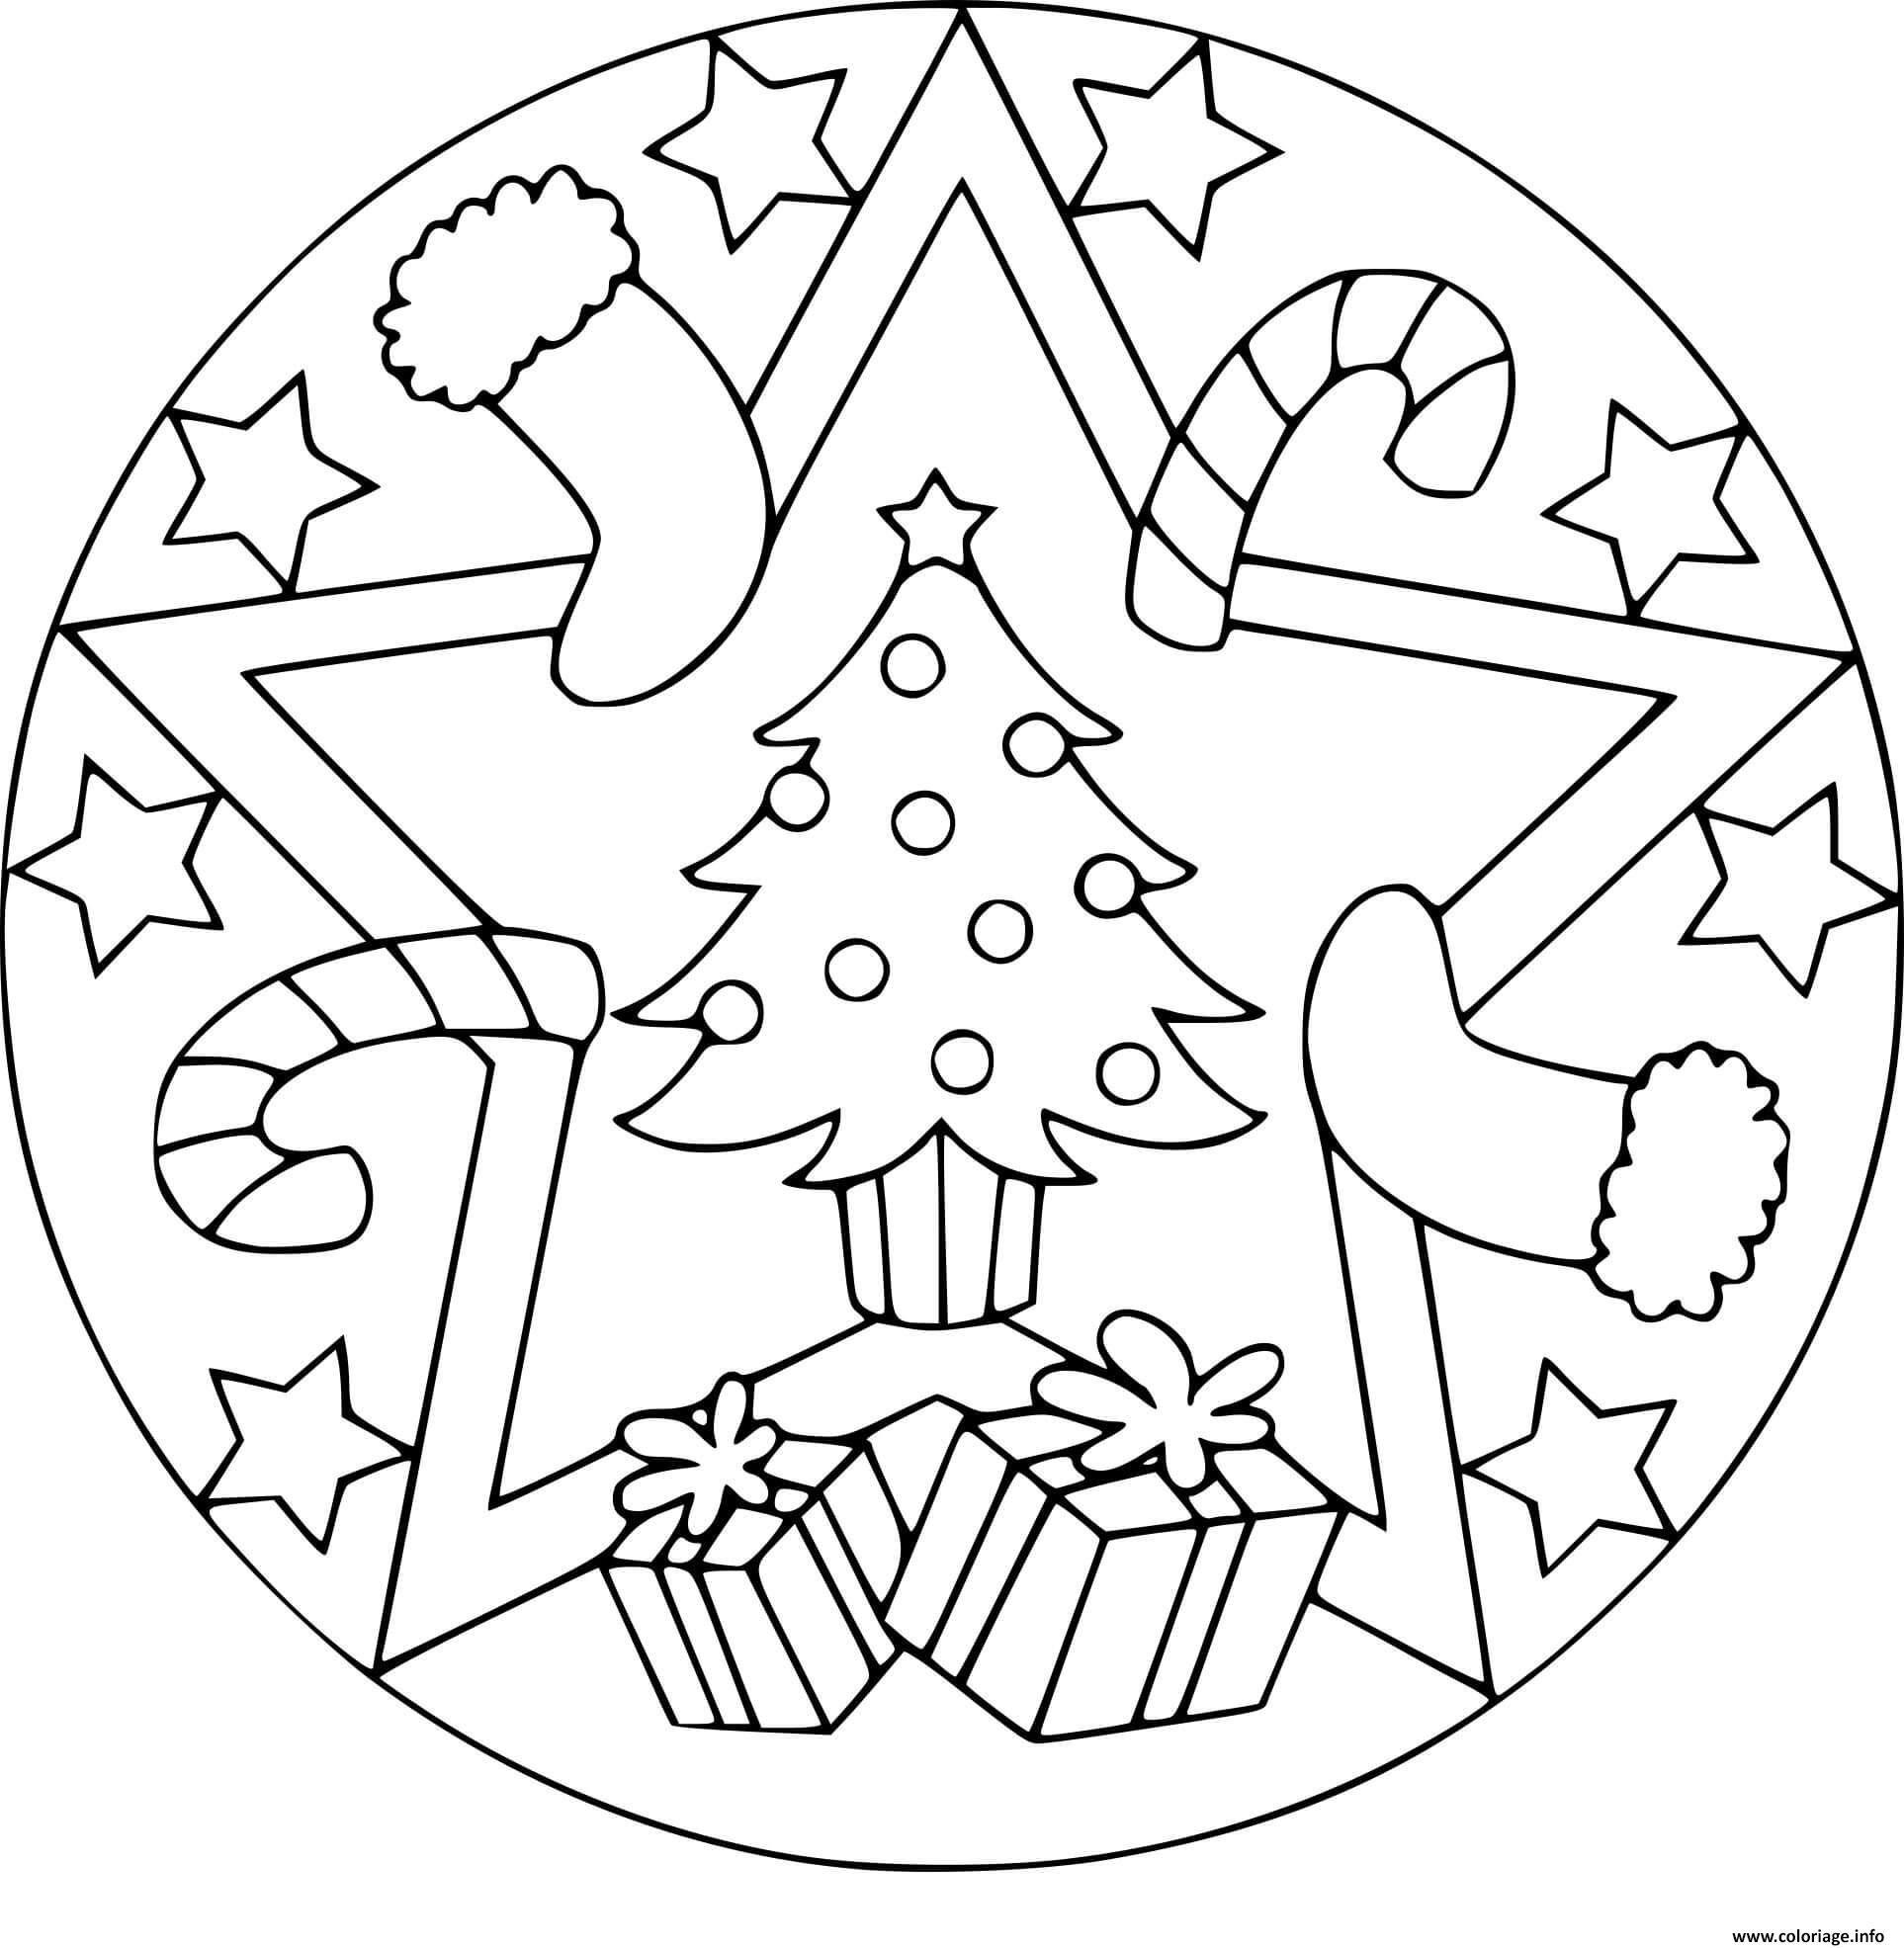 Resultat De Recherche D Images Pour Coloriage Mandala Noel Mandala Noel Coloriage Noel Coloriage Mandala